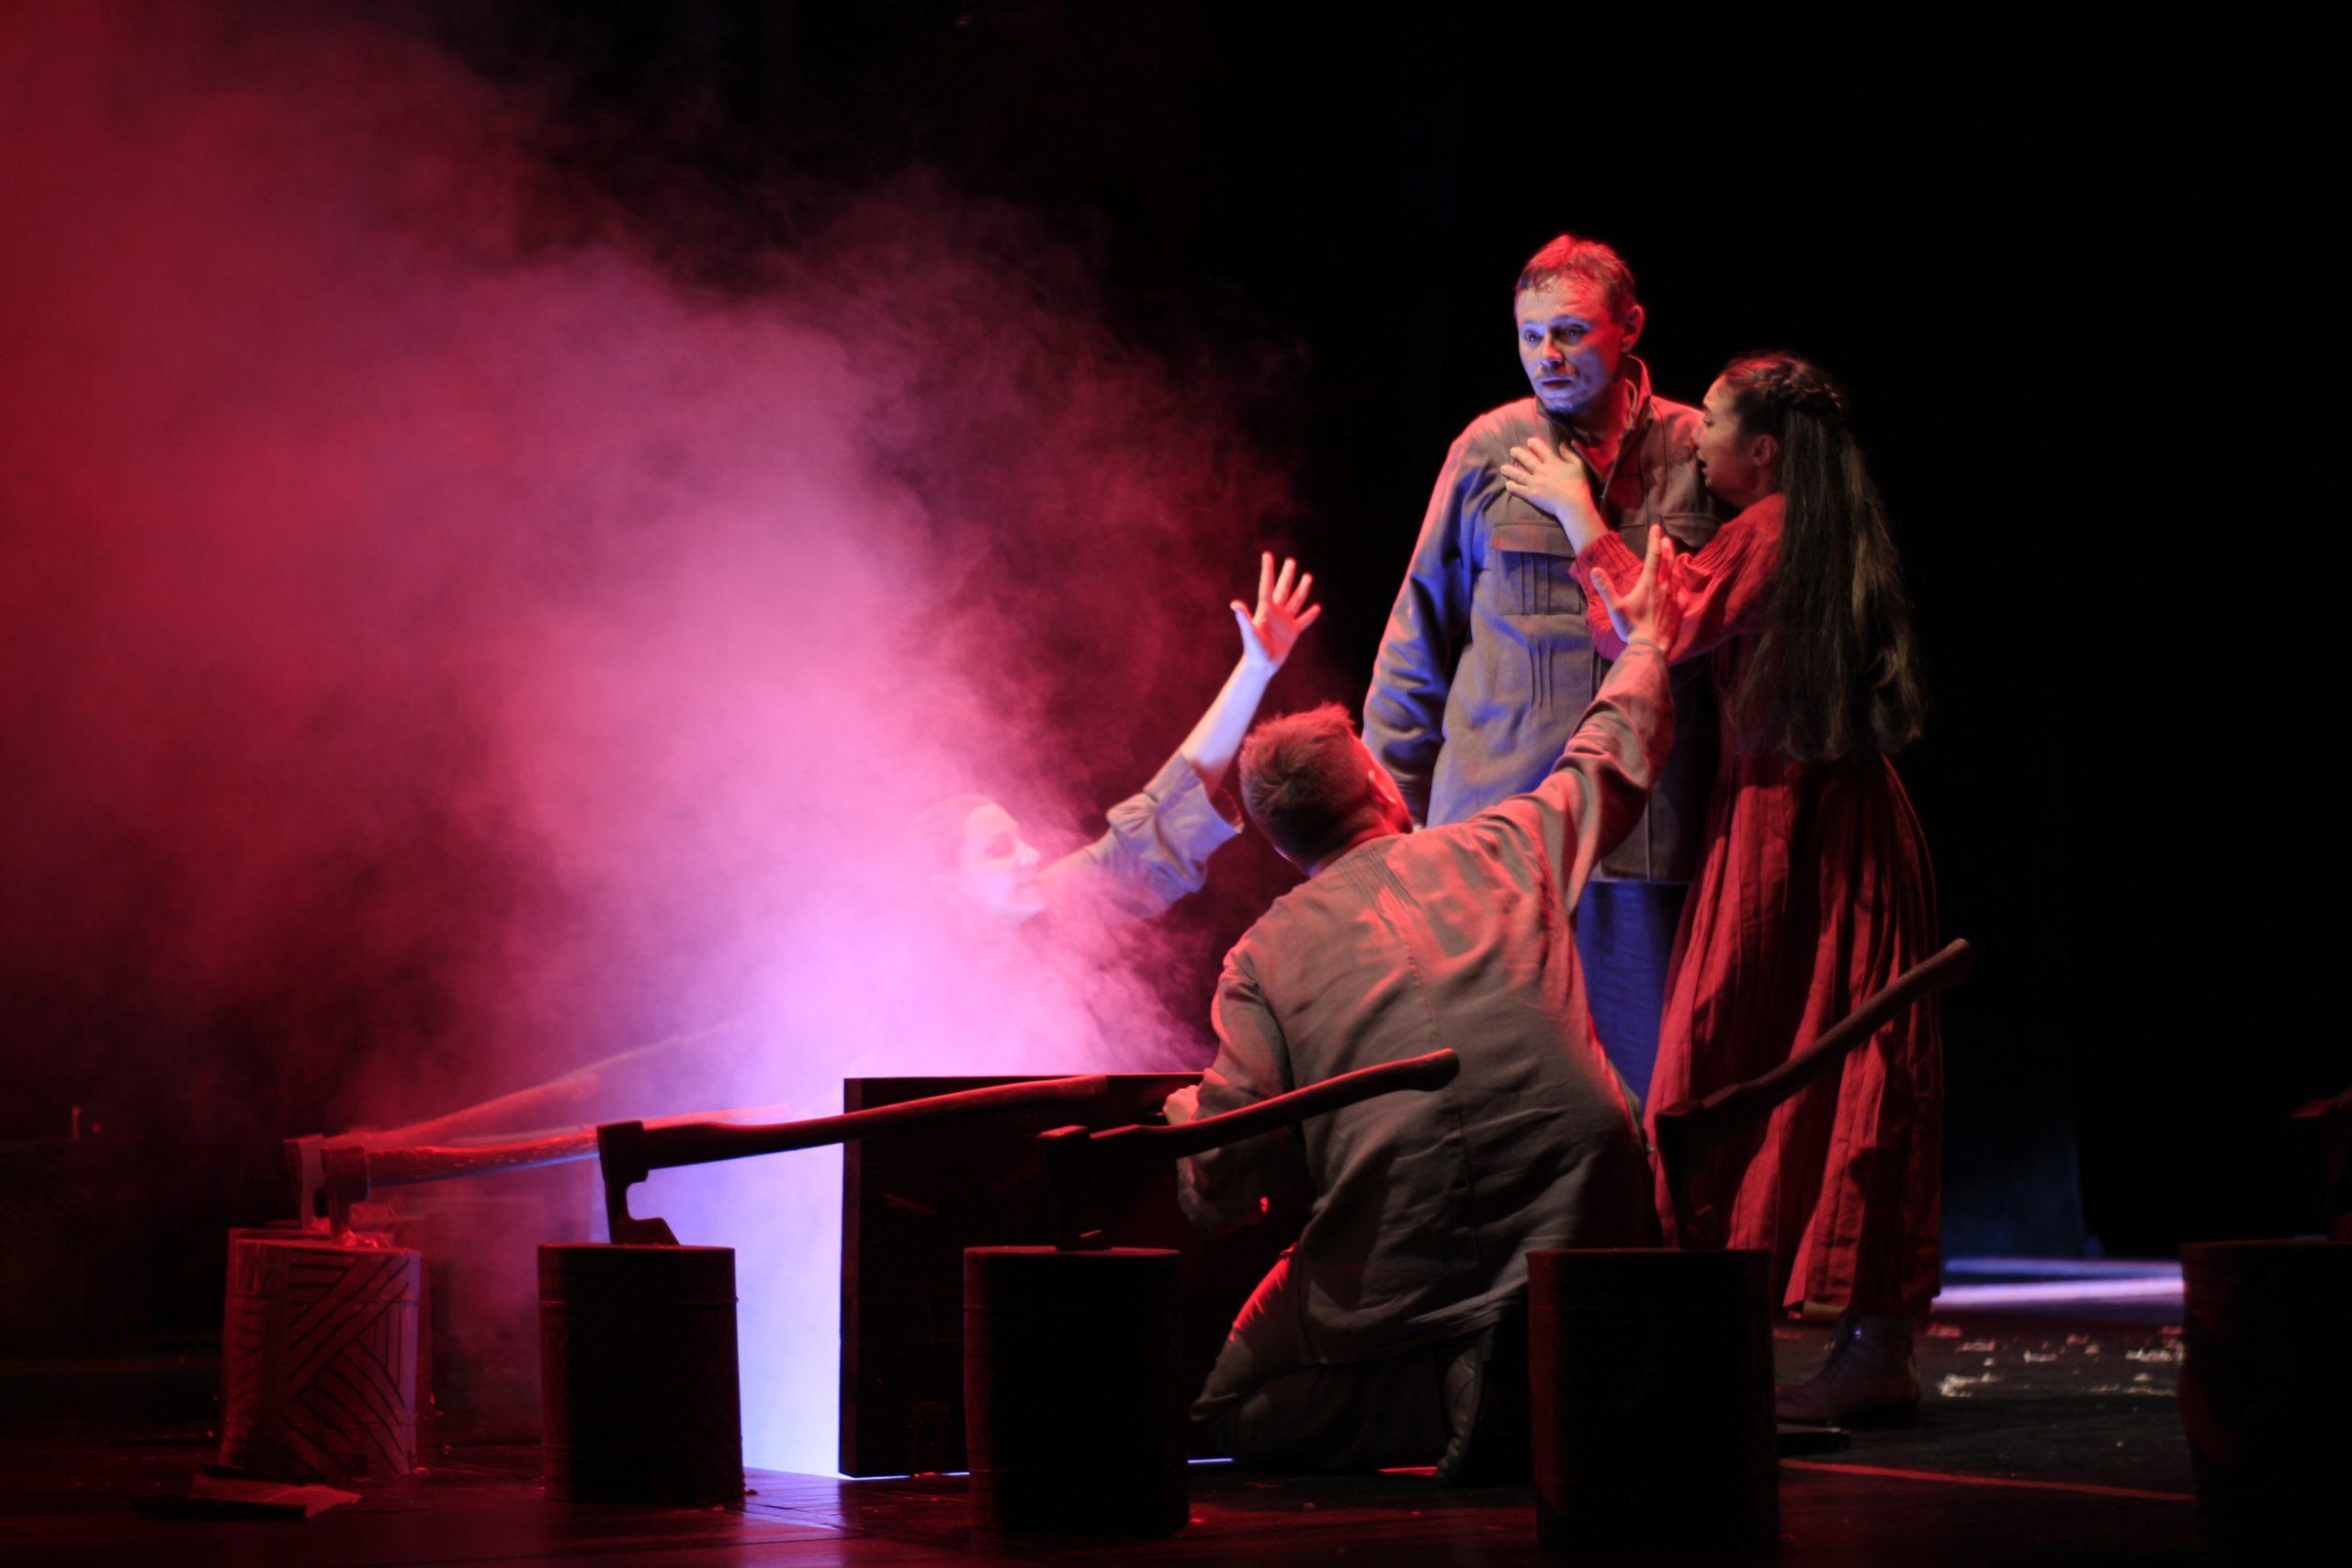 «Украдене щастя» – перша прем'єра в оновленому Театрі Шевченка зібрала аншлаг